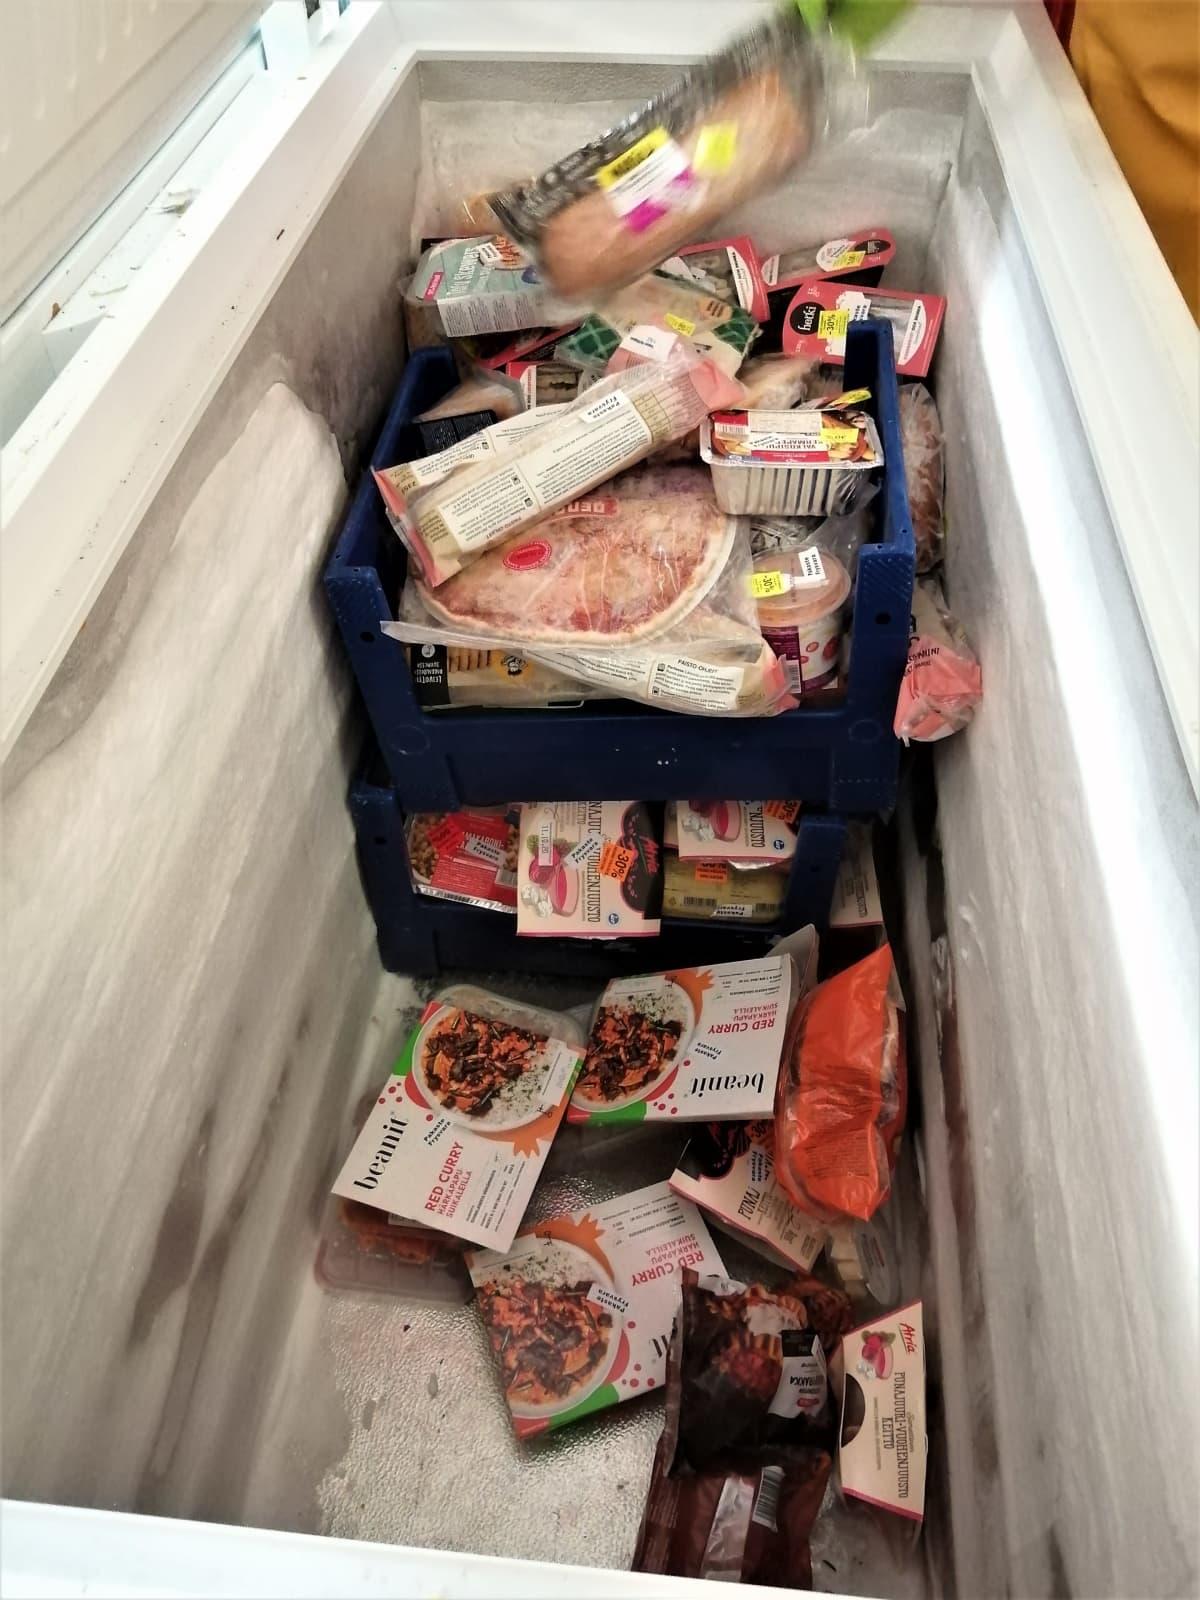 Vaasan ruoka-apuyhdistyksen pakastimessa on ruokaa jossa päiväys on lähes mennyt umpeen.